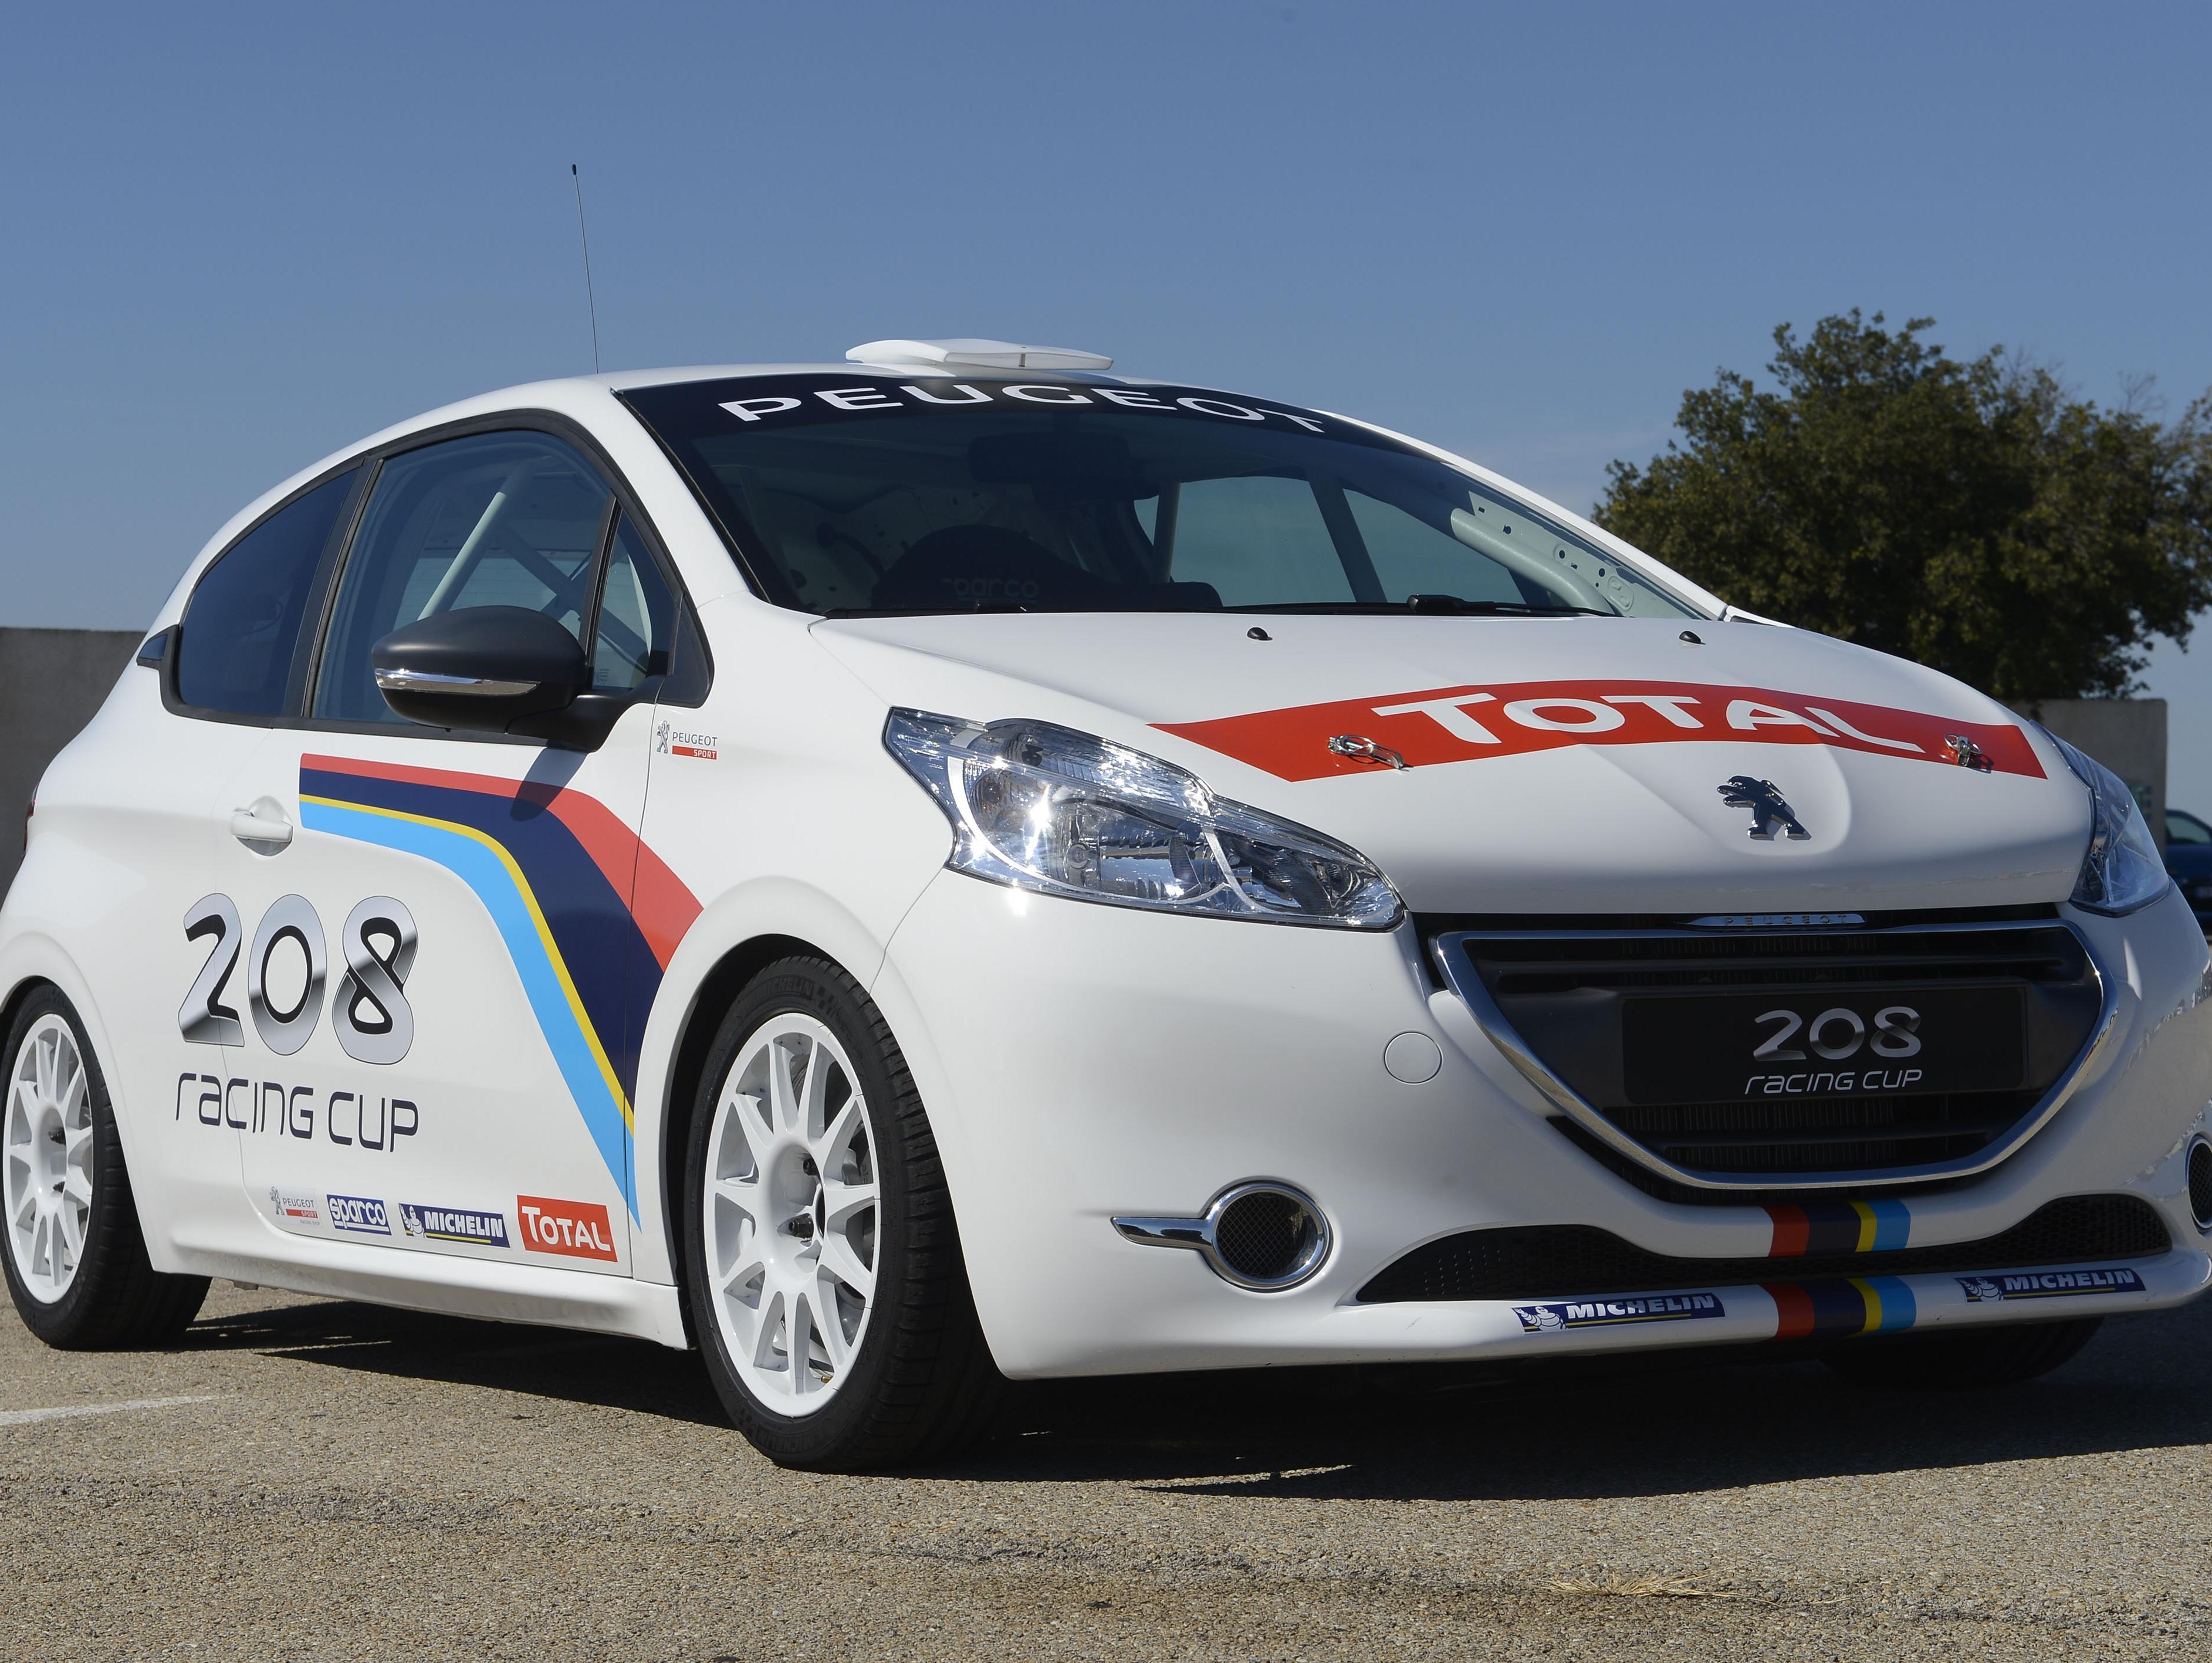 פיג'ו 208 CUP לאליפות ישראל למירוצי מכוניות